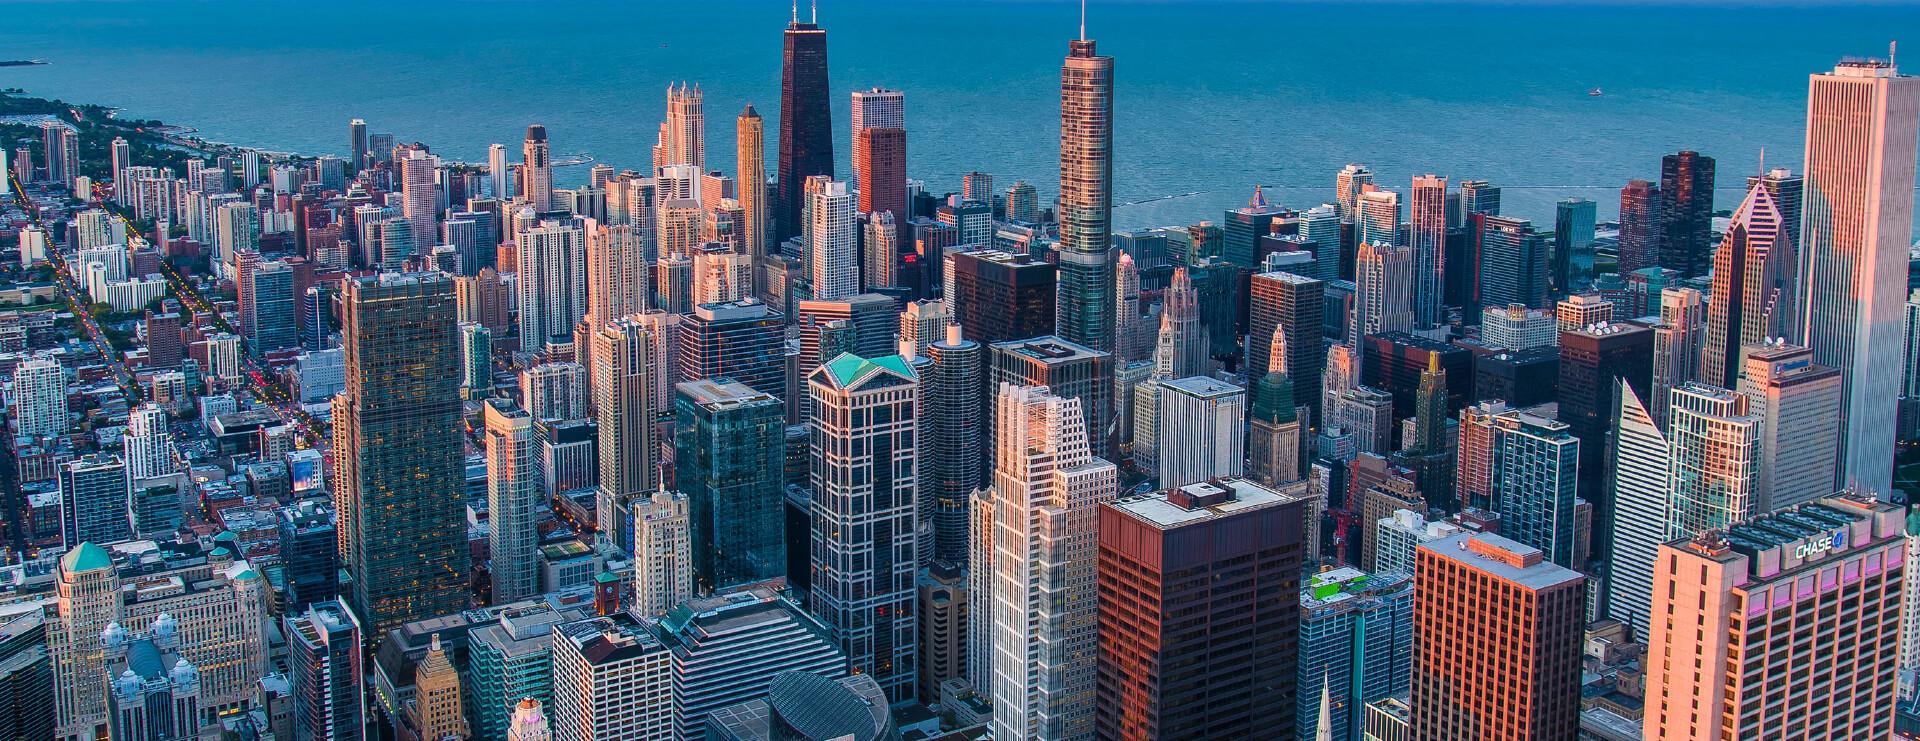 ChicagoBanner